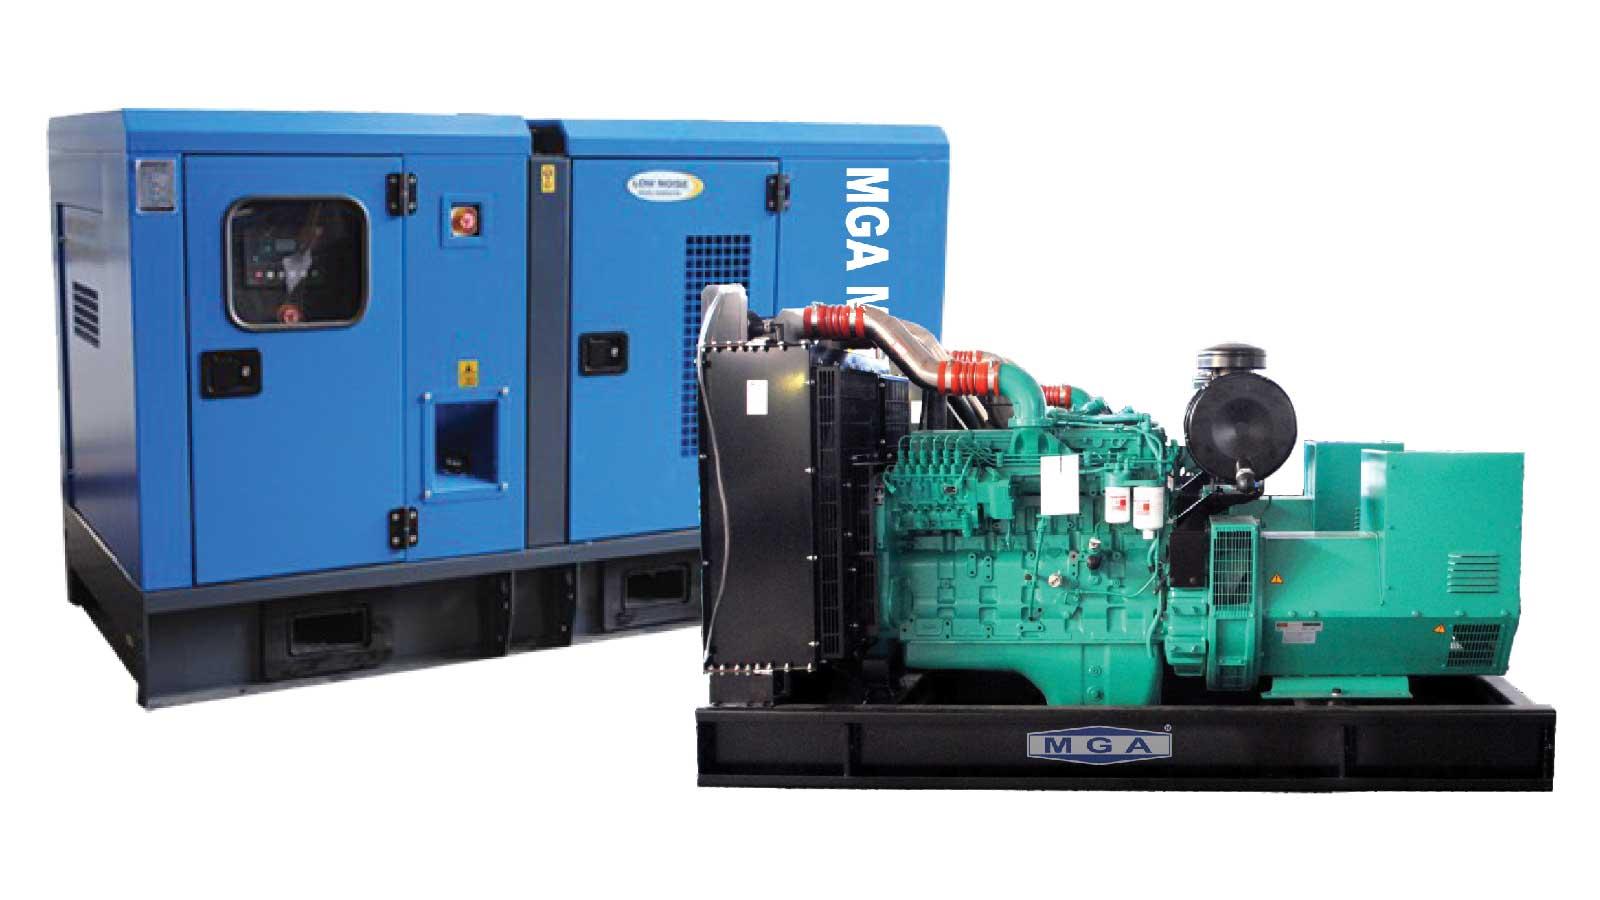 máy phát điện MGA 138kva